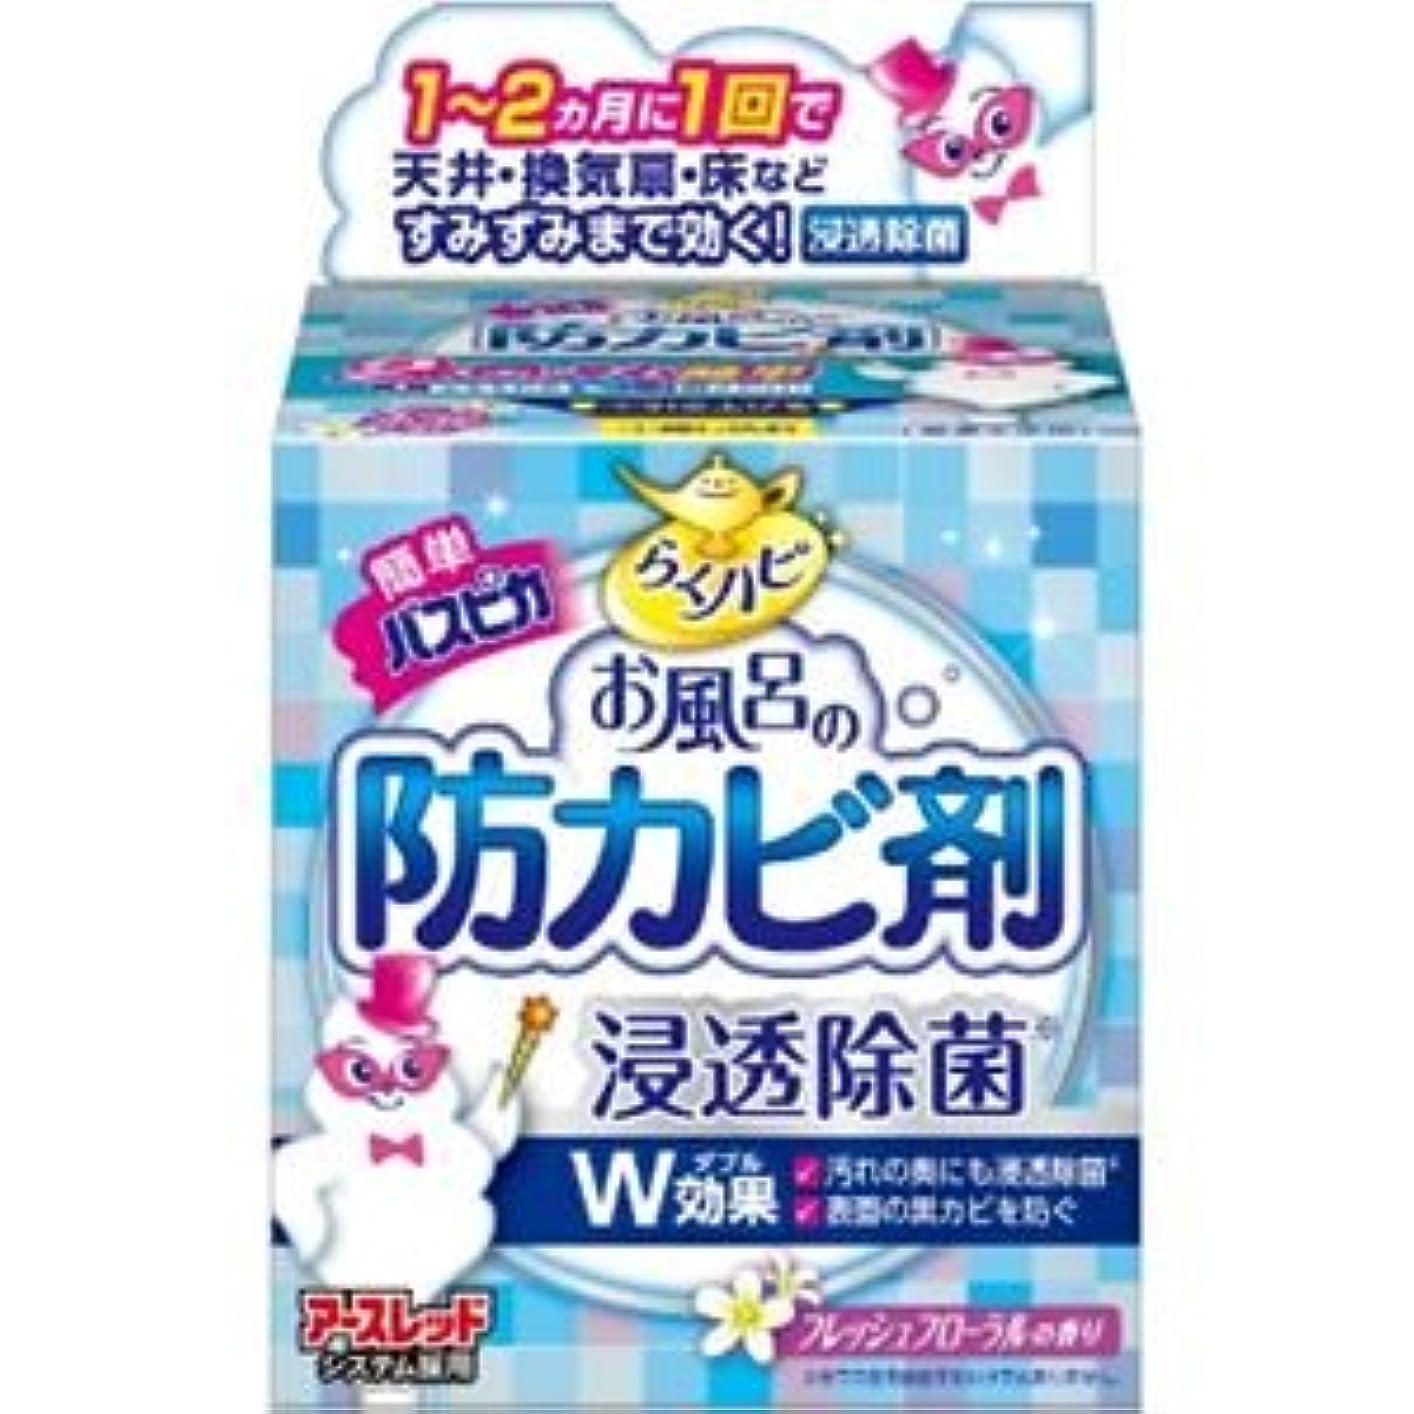 娯楽綺麗な折(まとめ)アース製薬 らくハピお風呂の防カビ剤フローラルの香り 【×3点セット】